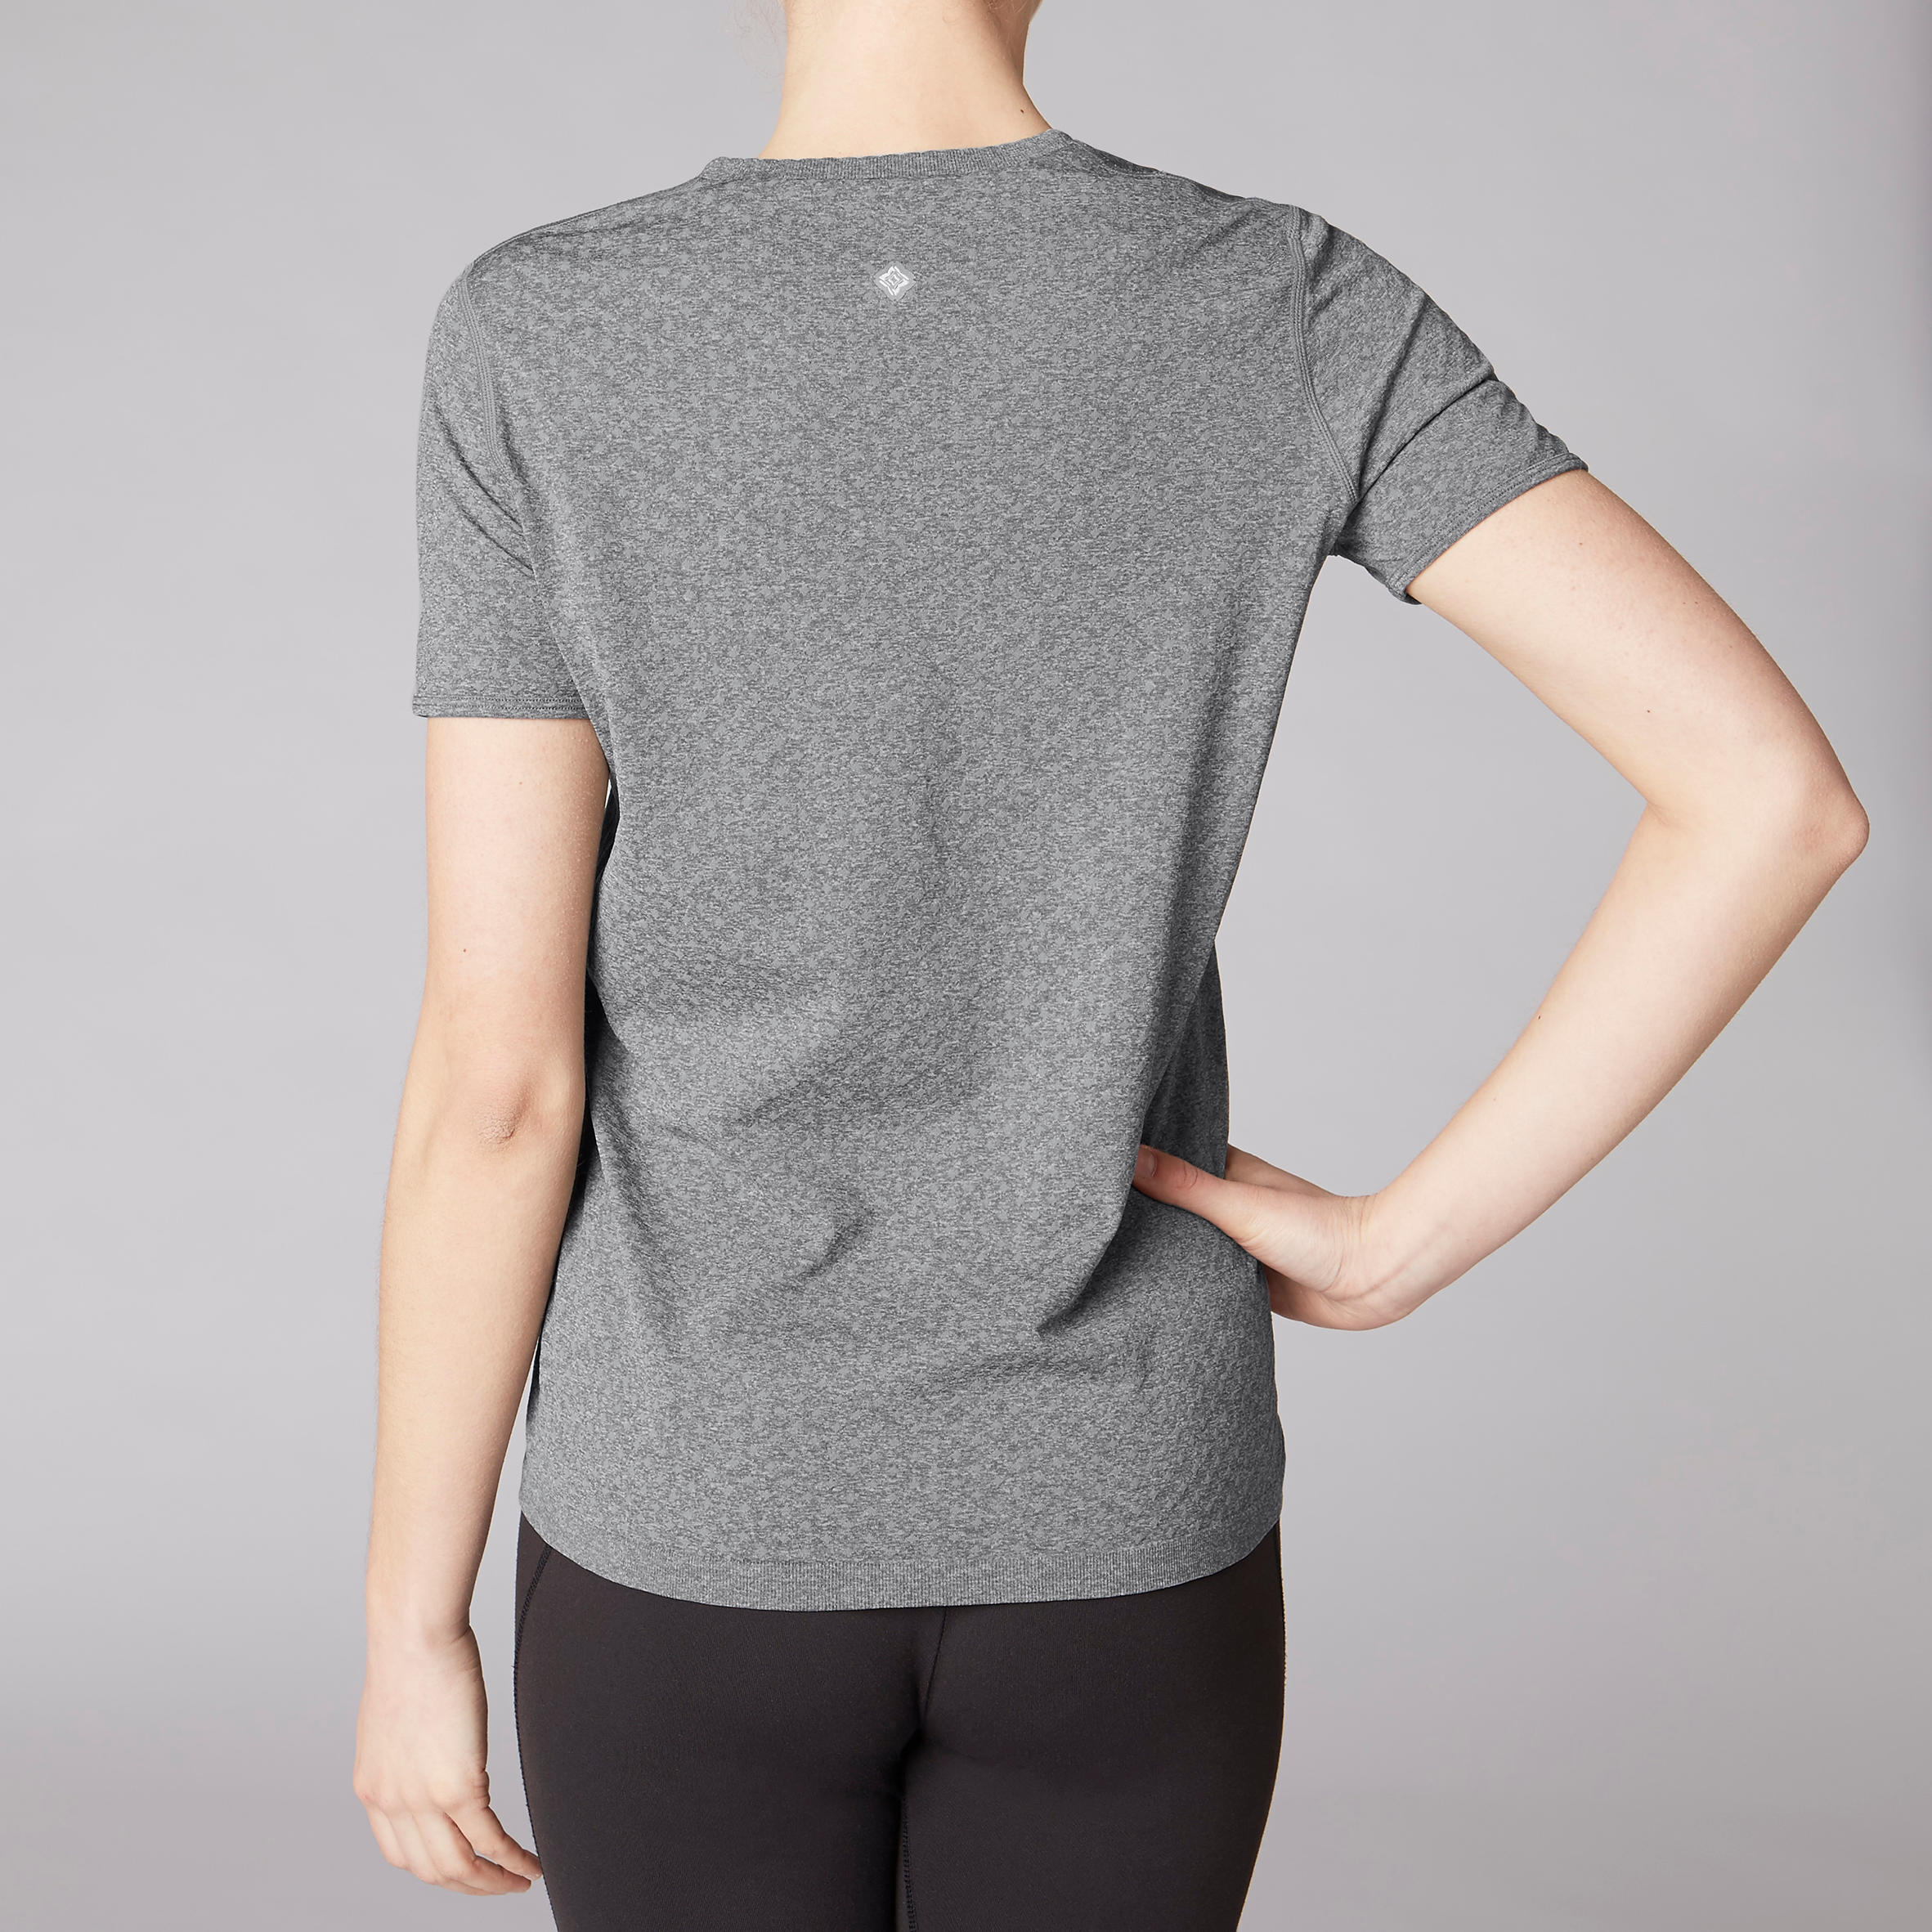 Shirt Coutures Chiné Tee Sans Yoga Gris Femme 534qjARL